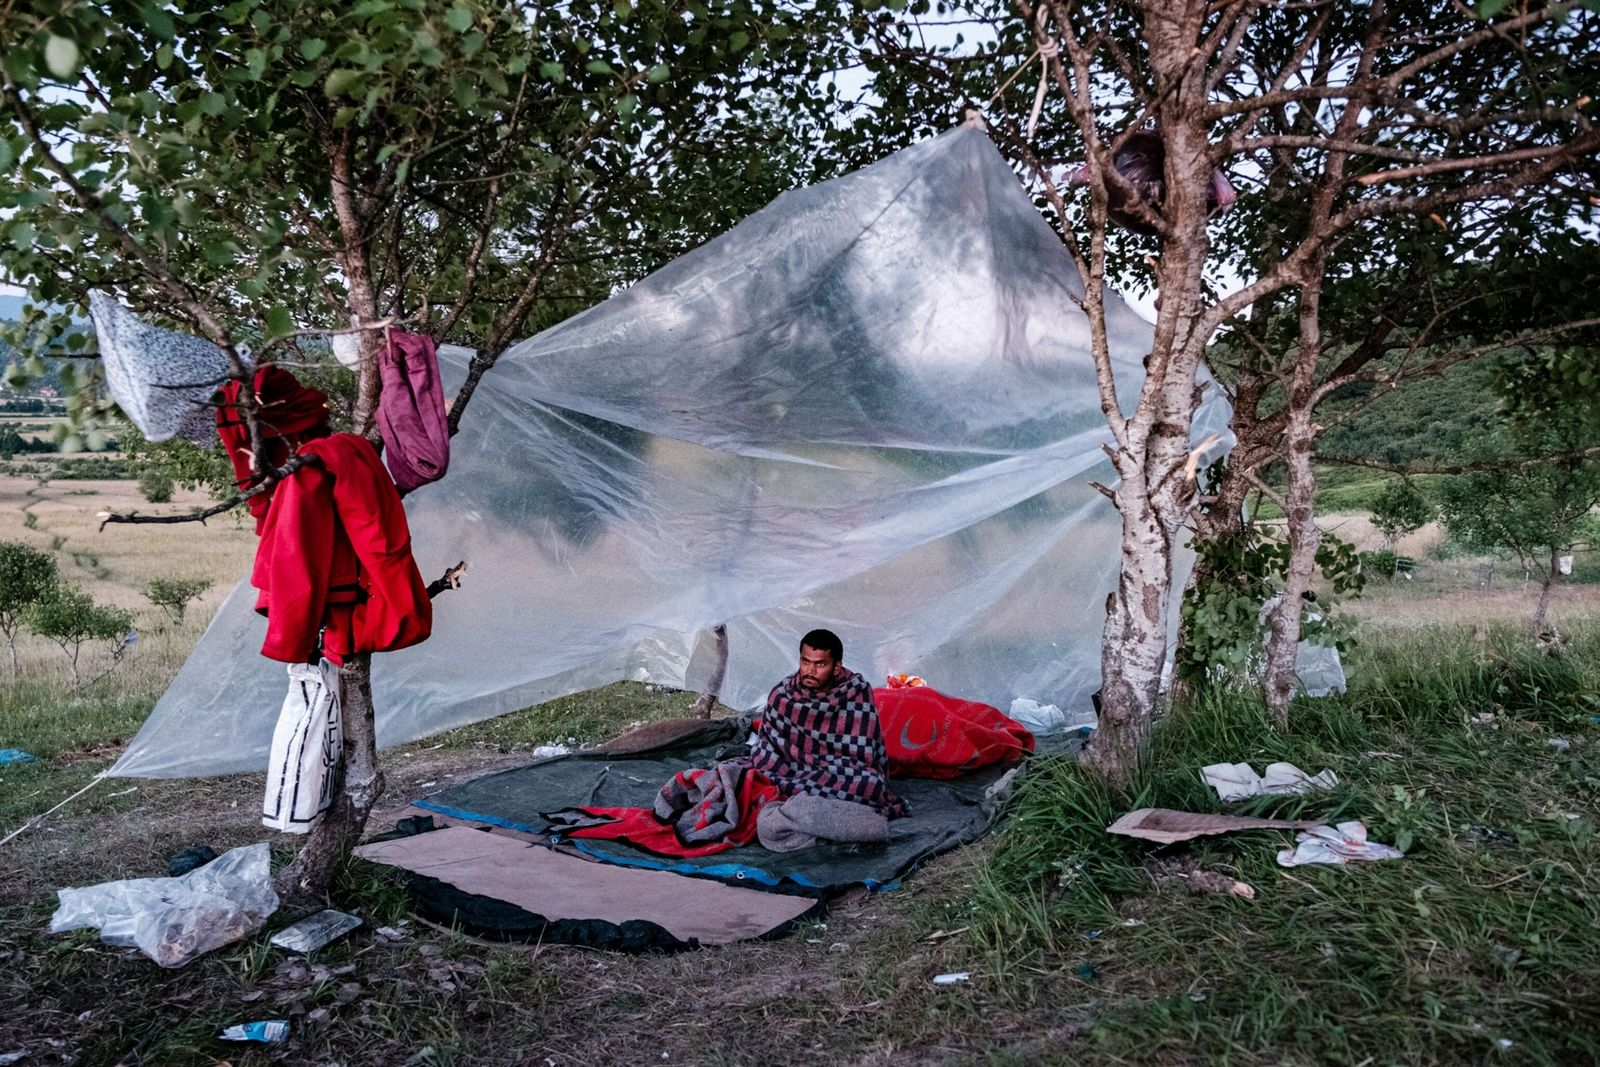 Campamento de migrantes en Bosnia